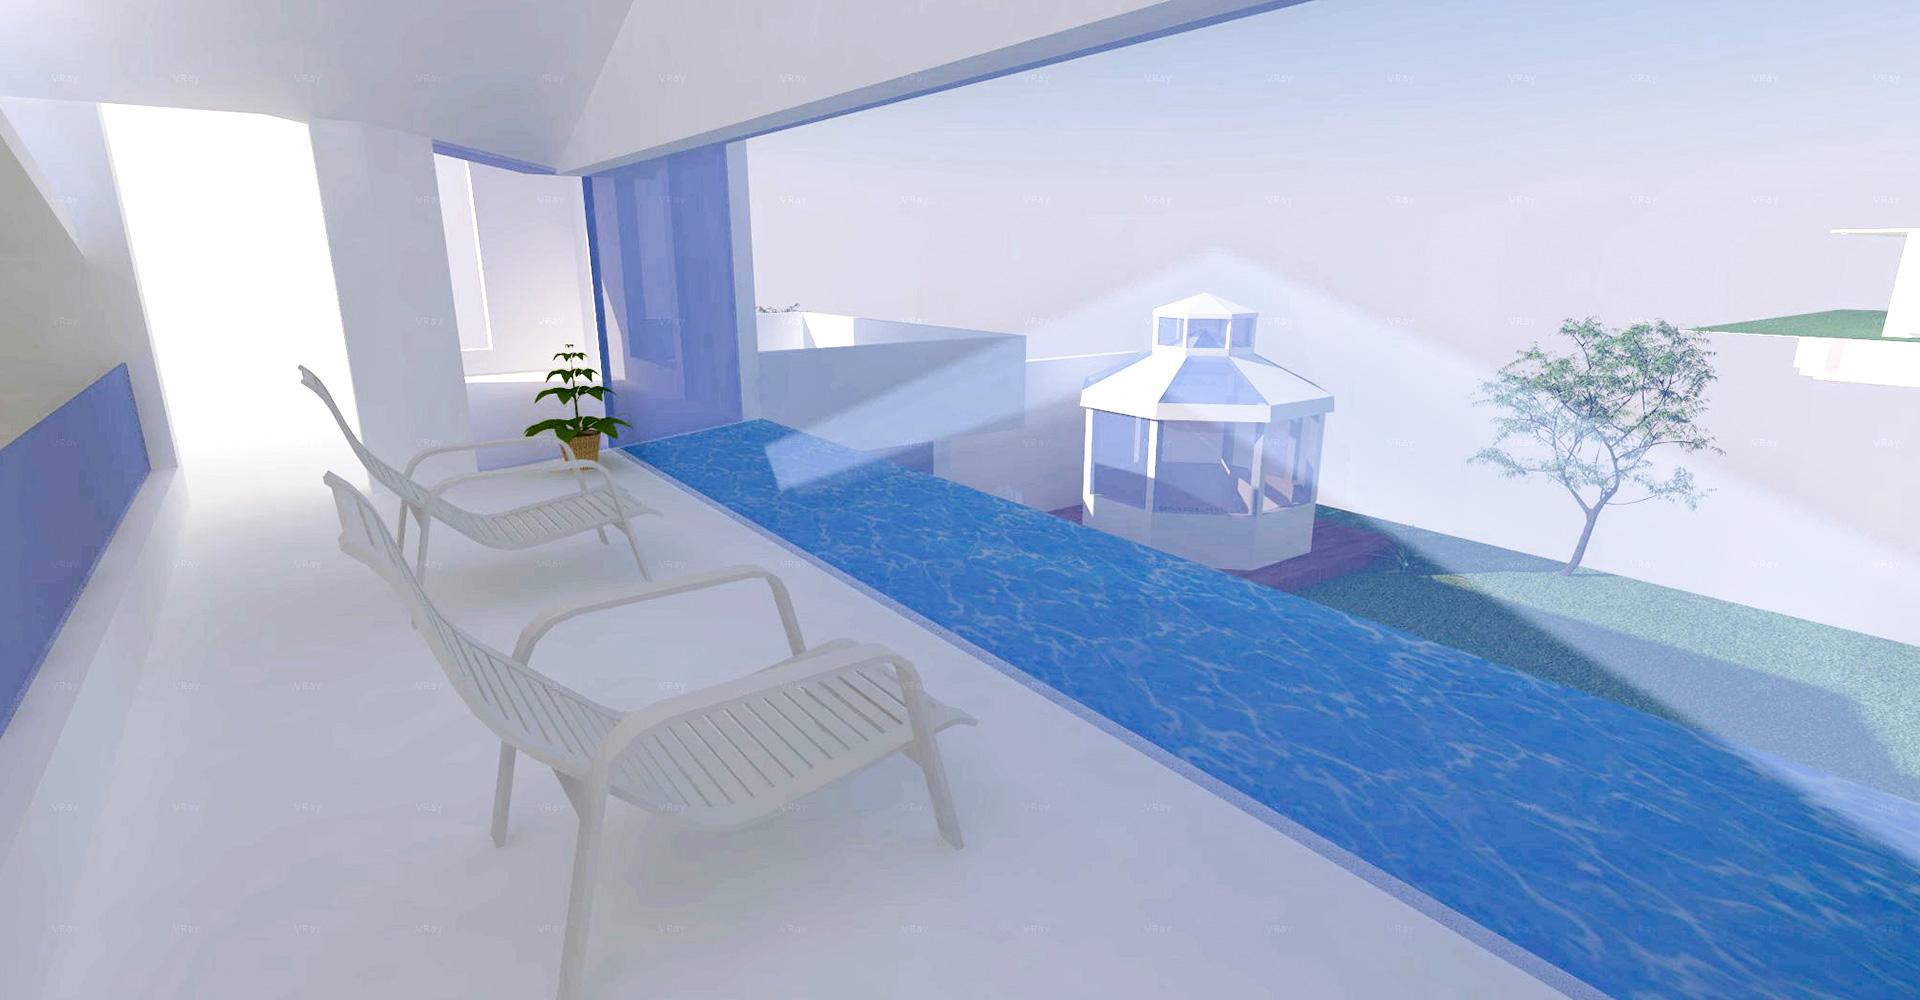 Residential-Interior-Design-Hiline-Lahore-portfolio-65J-DHA-EME-05 (32)